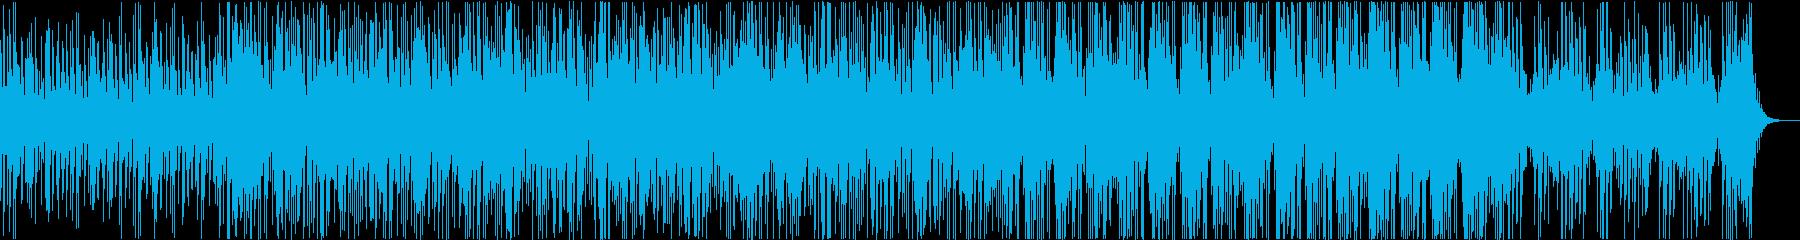 グリッチ系シンセテクノの再生済みの波形